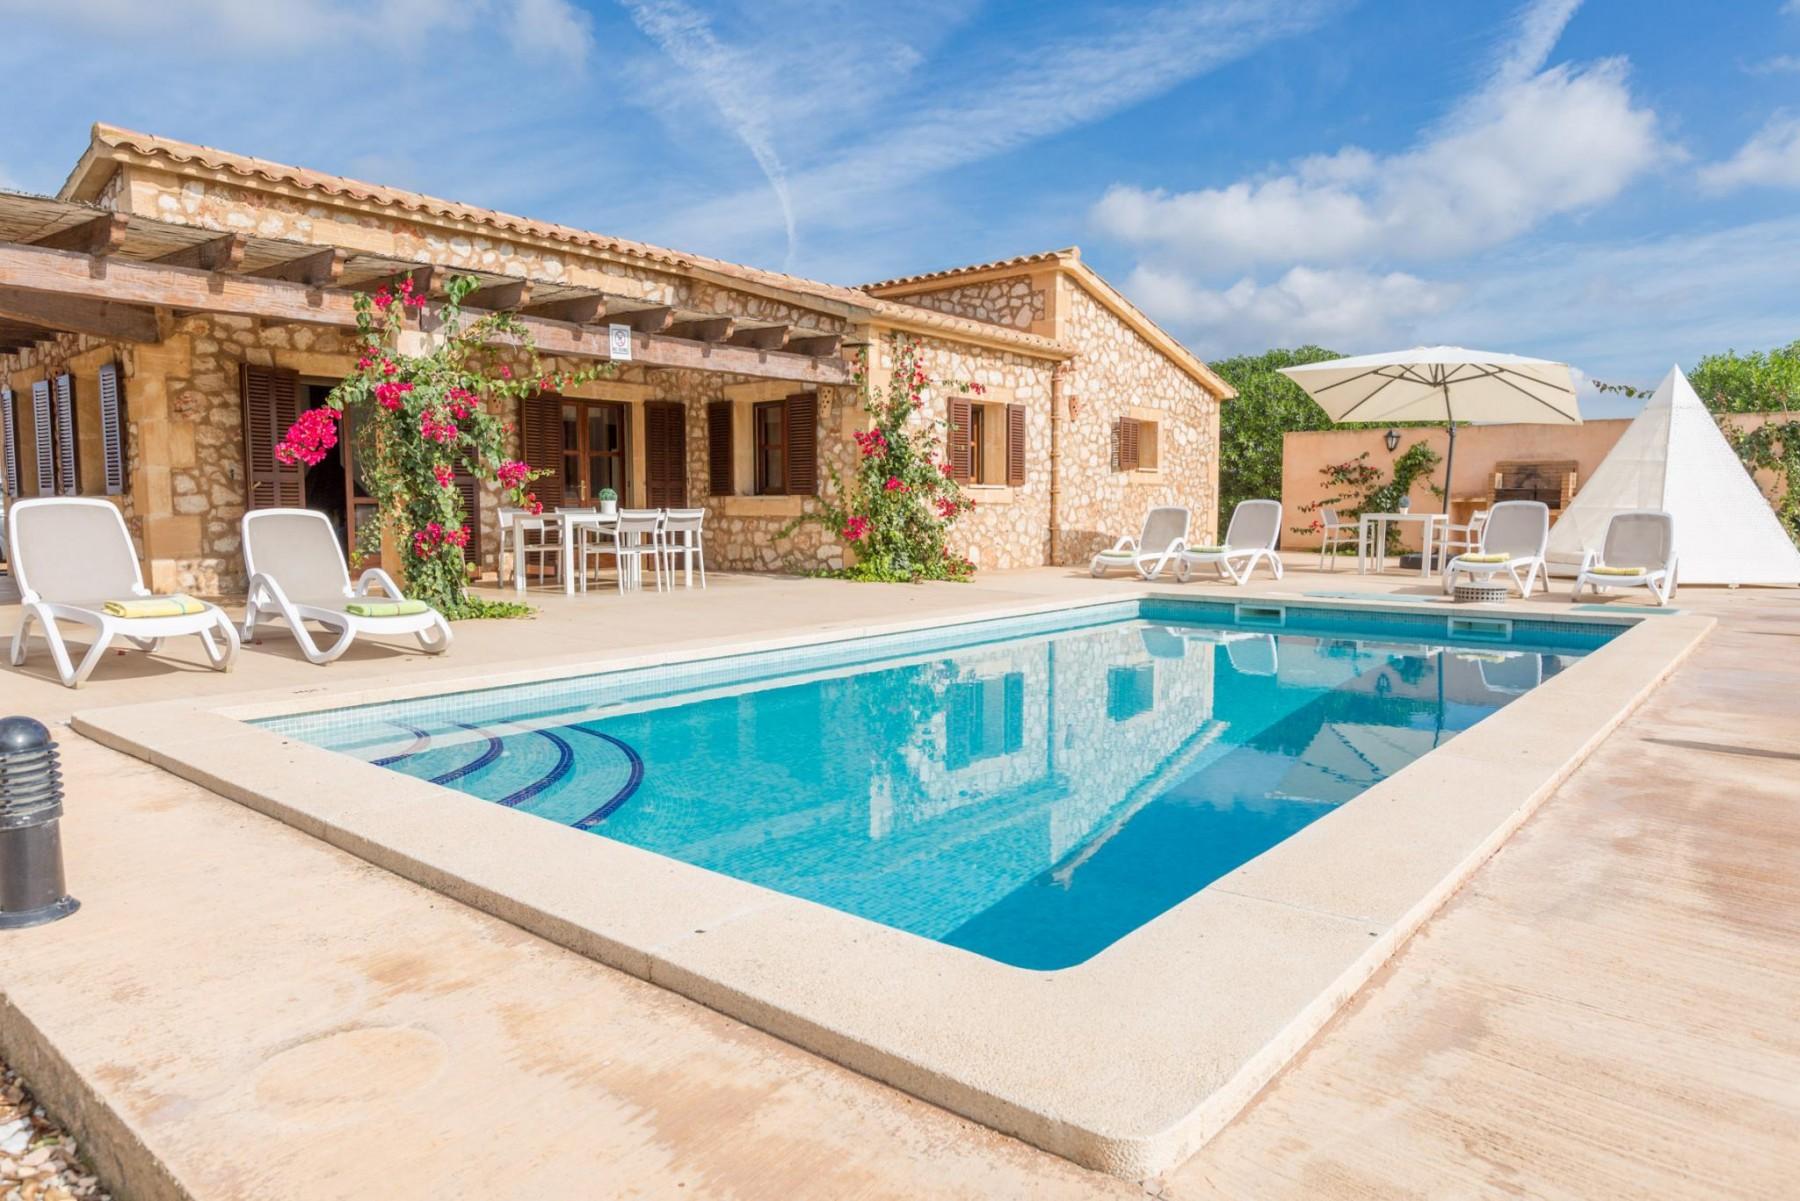 AMETLLER - 0406 for 7 guests in Felanitx, Spanien